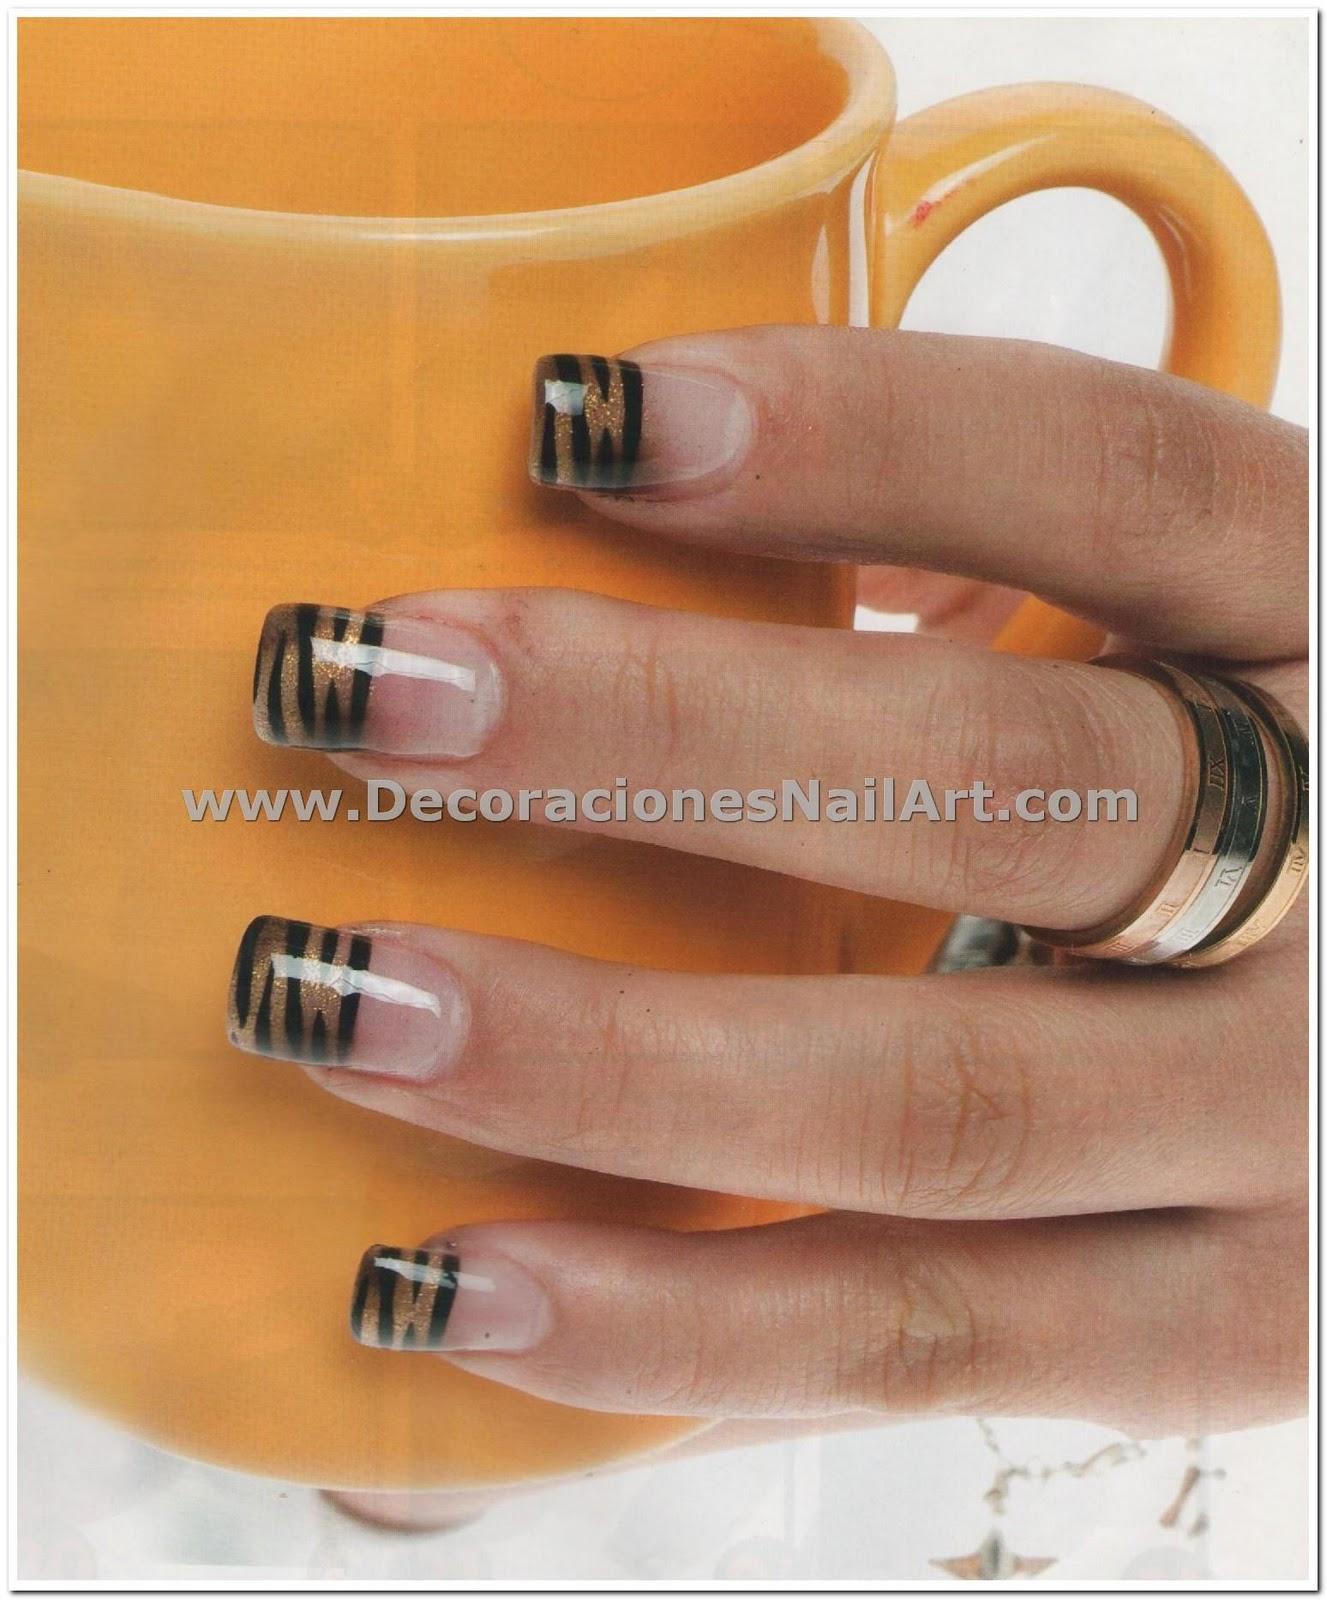 Unas Acrilico Decoradas Con Piedras Hawaii Dermatology Pictures | Car ...